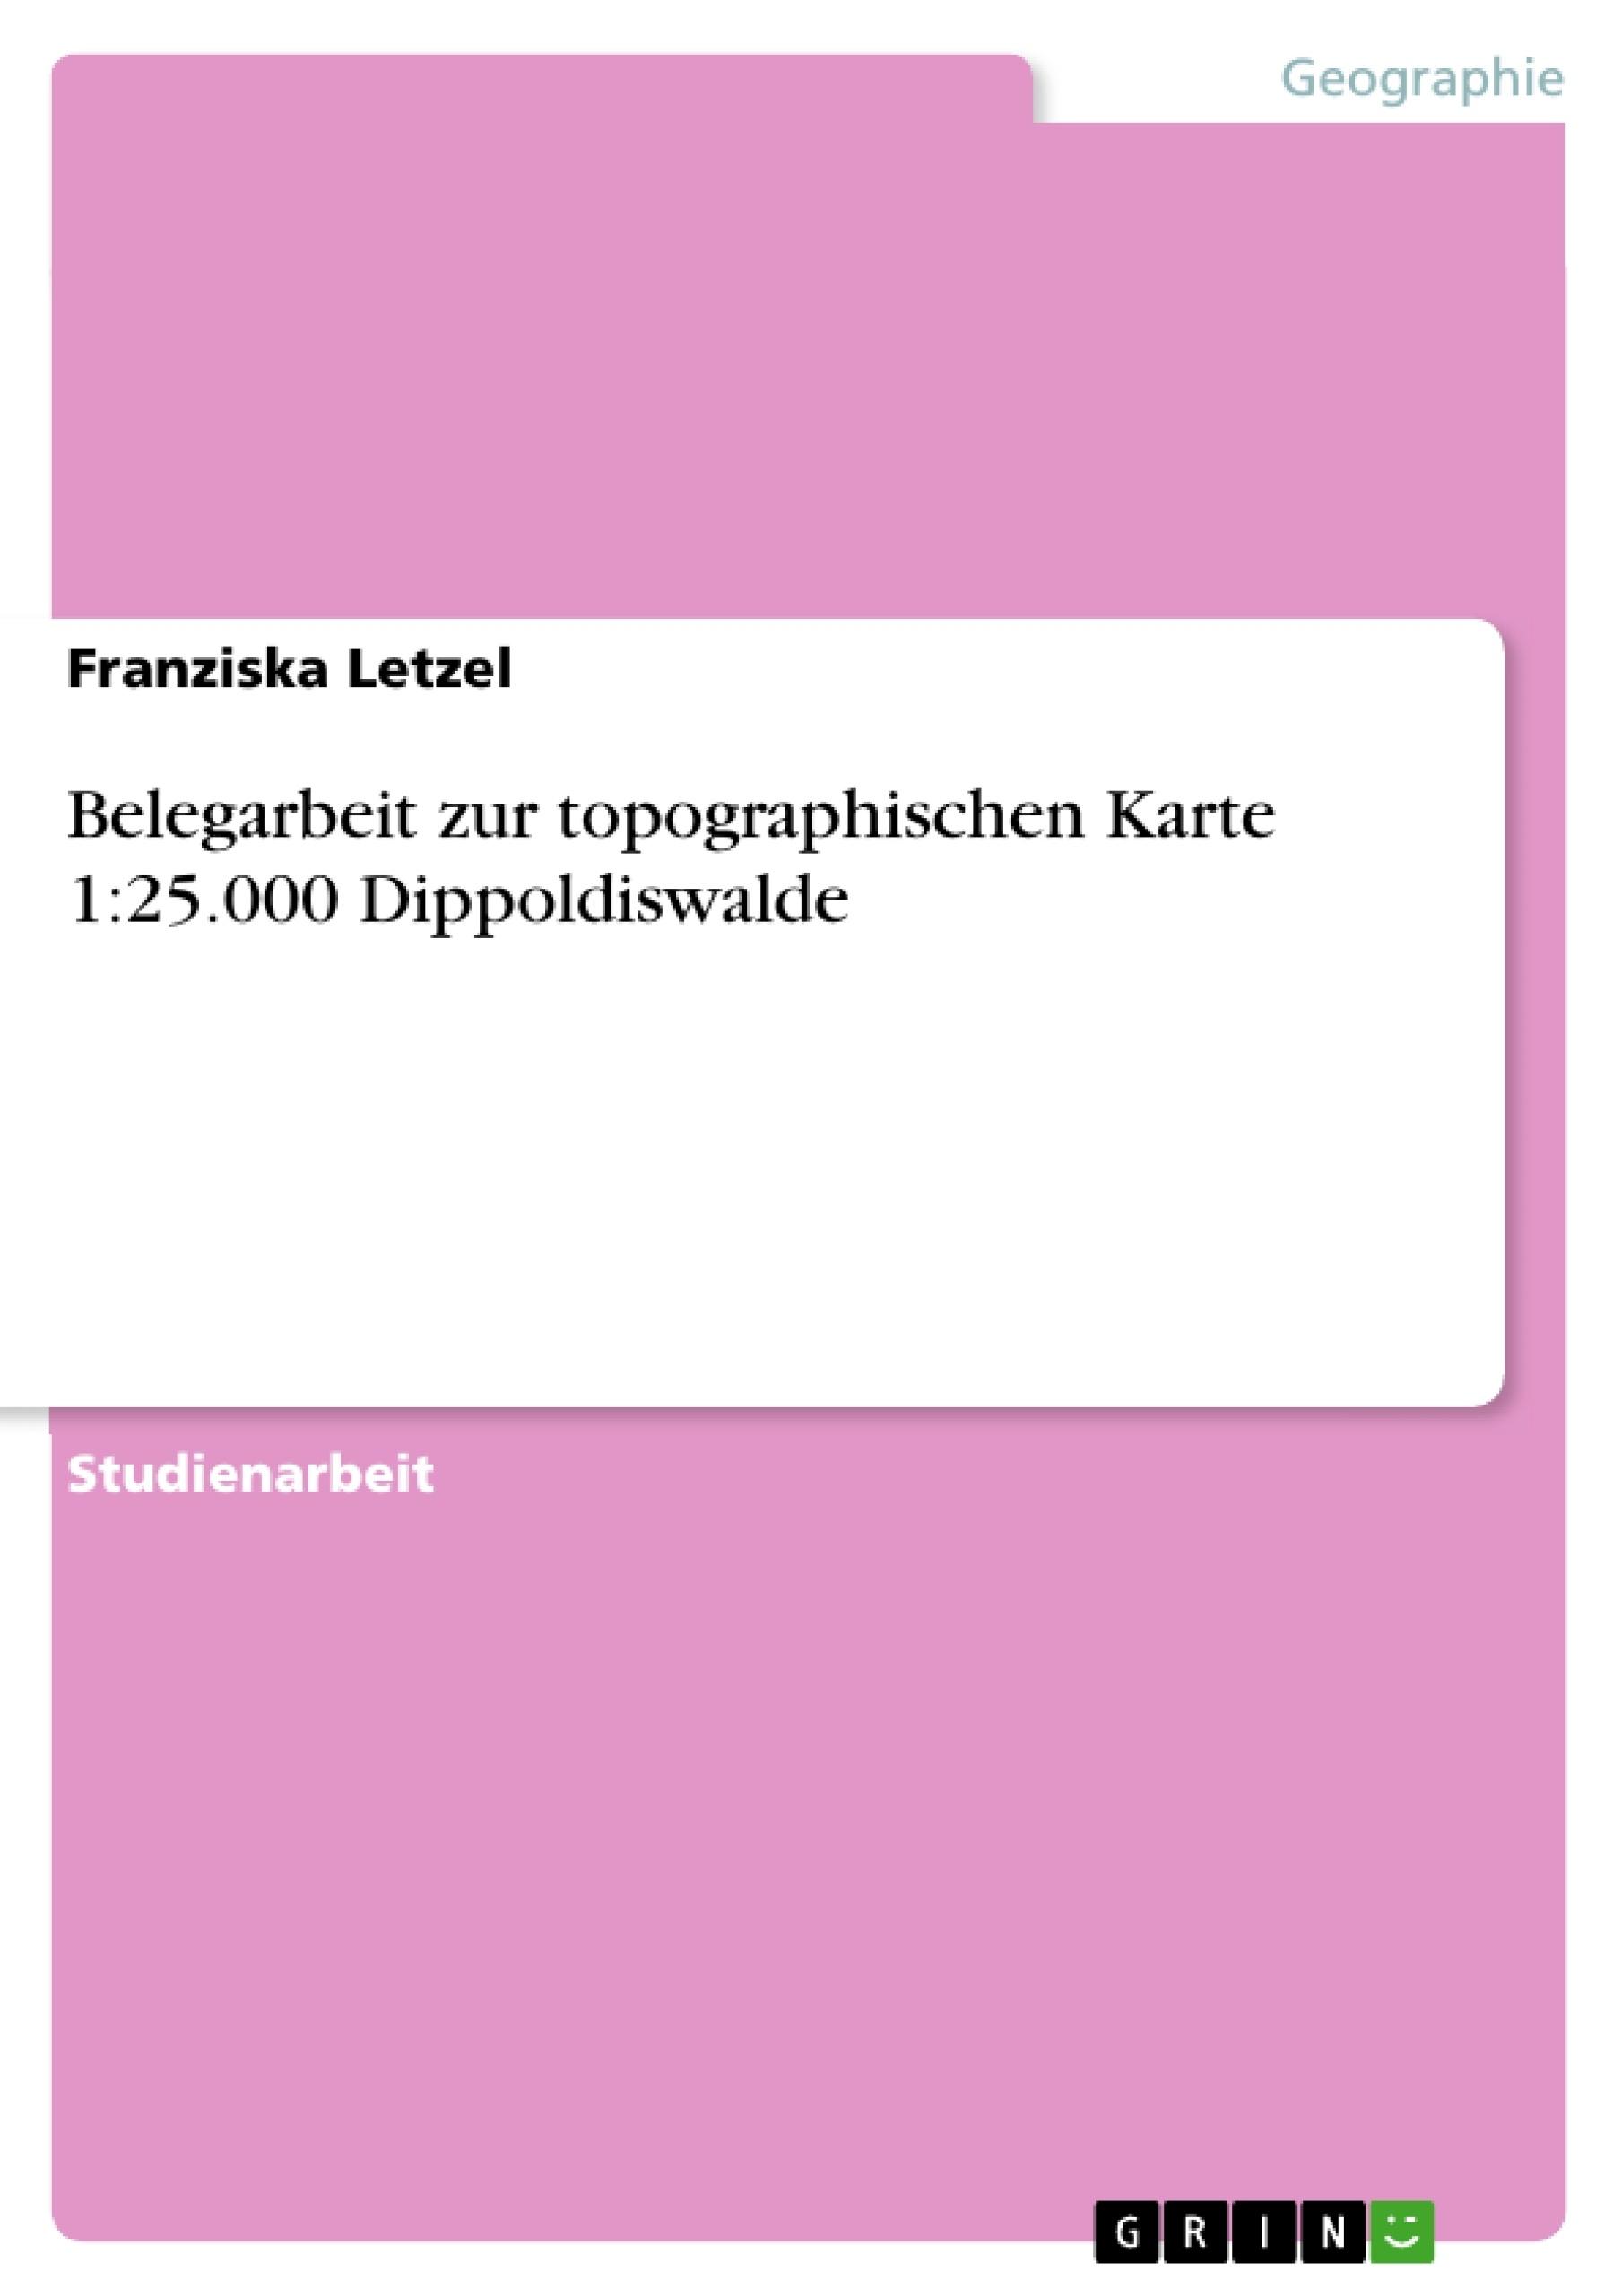 Titel: Belegarbeit zur topographischen Karte 1:25.000 Dippoldiswalde